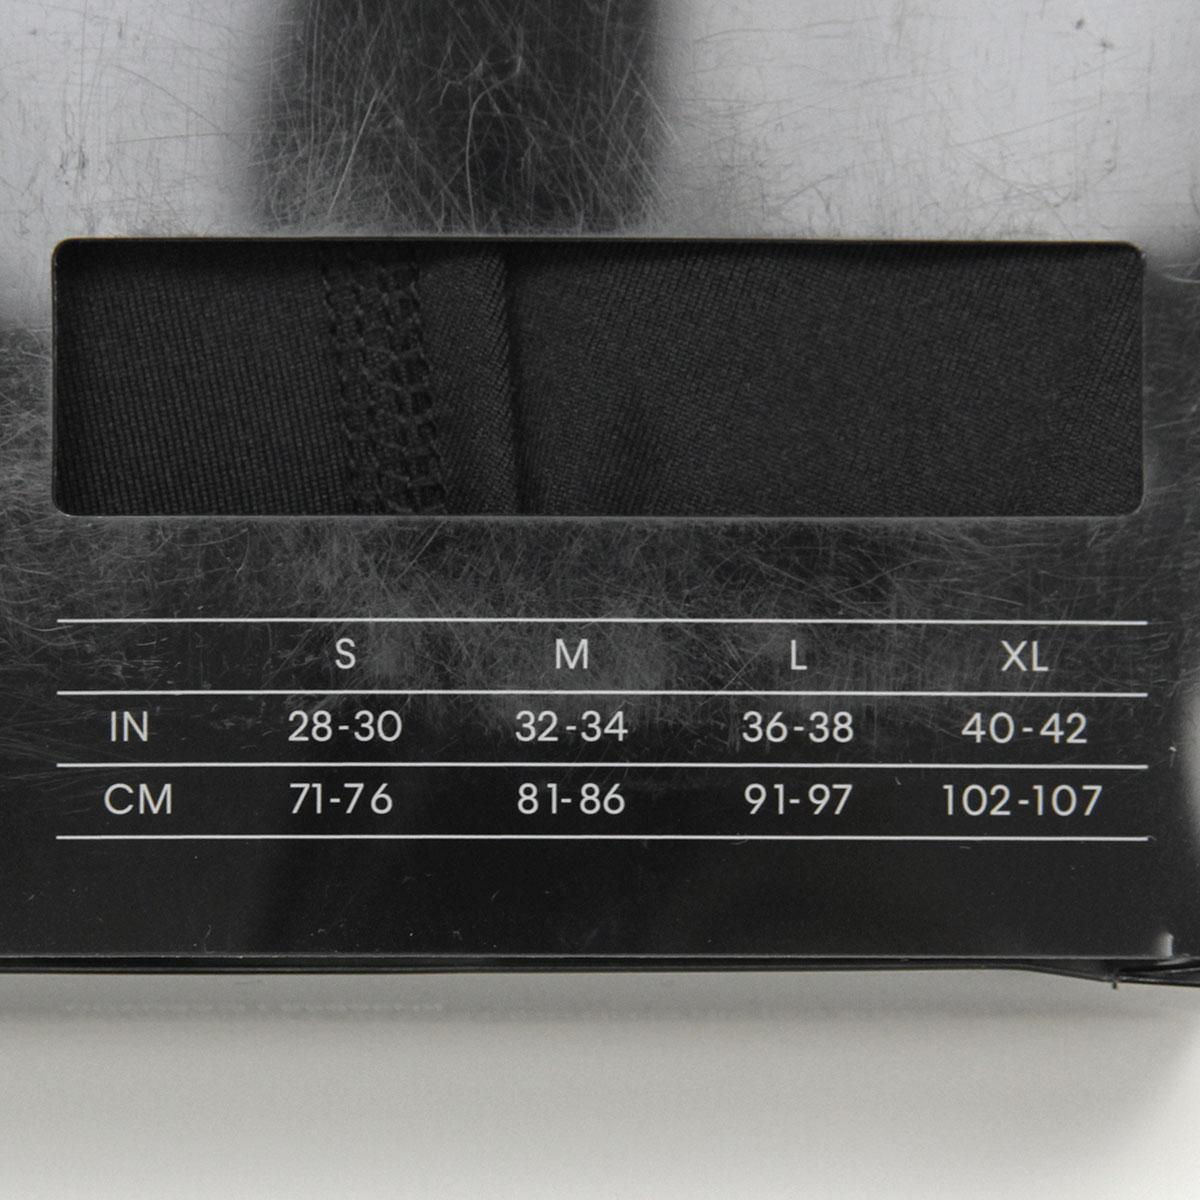 カルバンクライン ボクサーブリーフ メンズ 正規品 Calvin Klein アンダーウェア ボクサーブリーフ 下着 3枚セット マクロファイバー 3PACK MICROFIBER BOXER BRIEFS AA0B B1C C7D D2E E13F